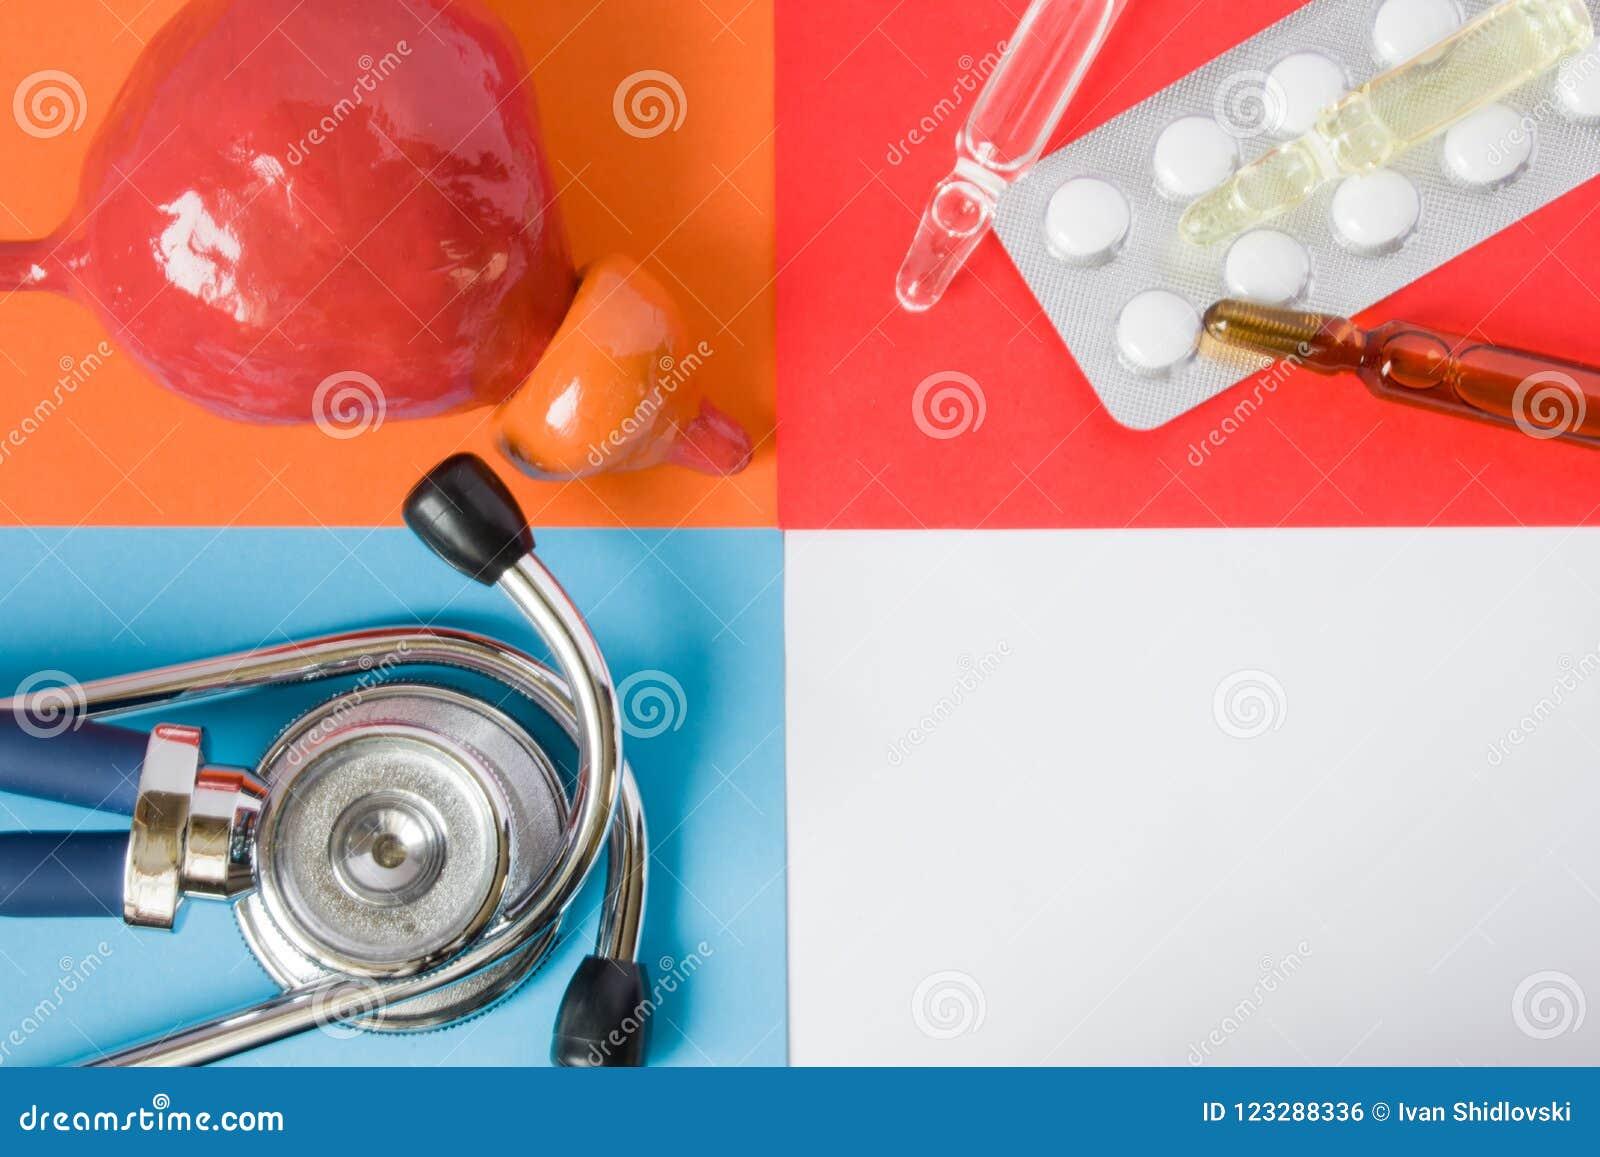 Próstata médica o de la atención sanitaria de diseño del concepto del foto-órgano, estetoscopio médico de diagnóstico de la herra